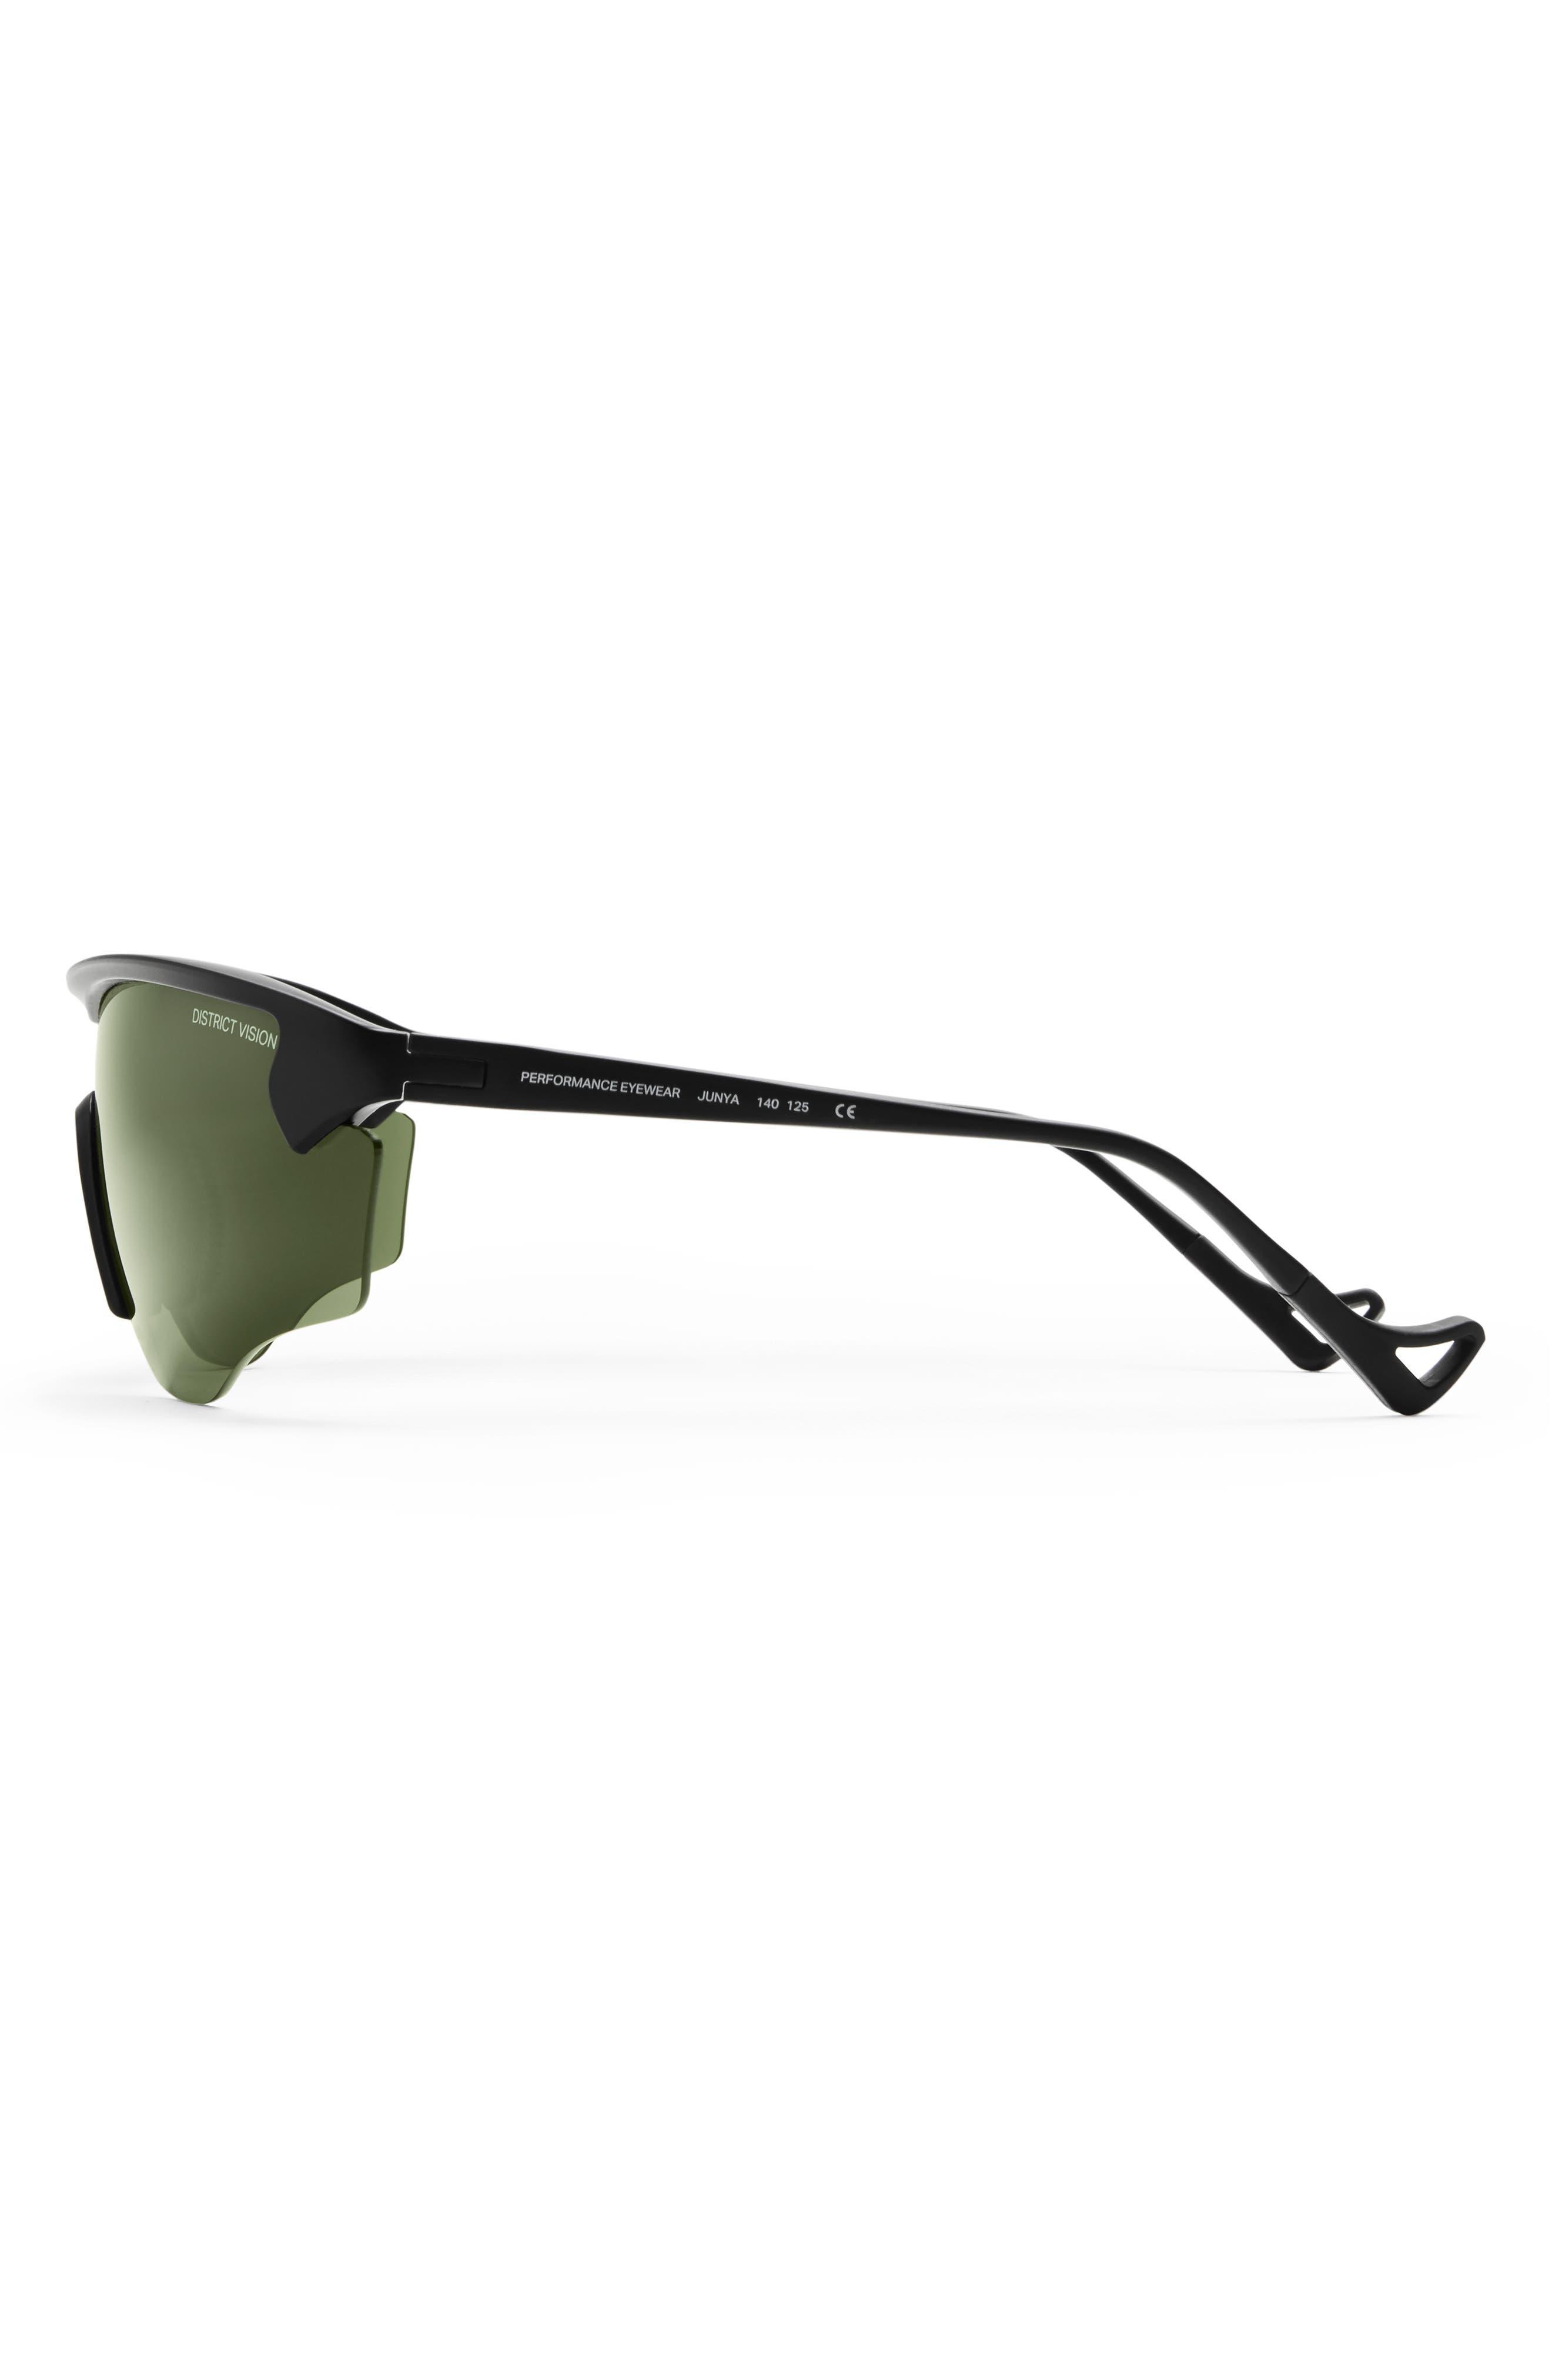 Junya 70mm Racing Sunglasses,                         Main,                         color, BLACK/ SKY